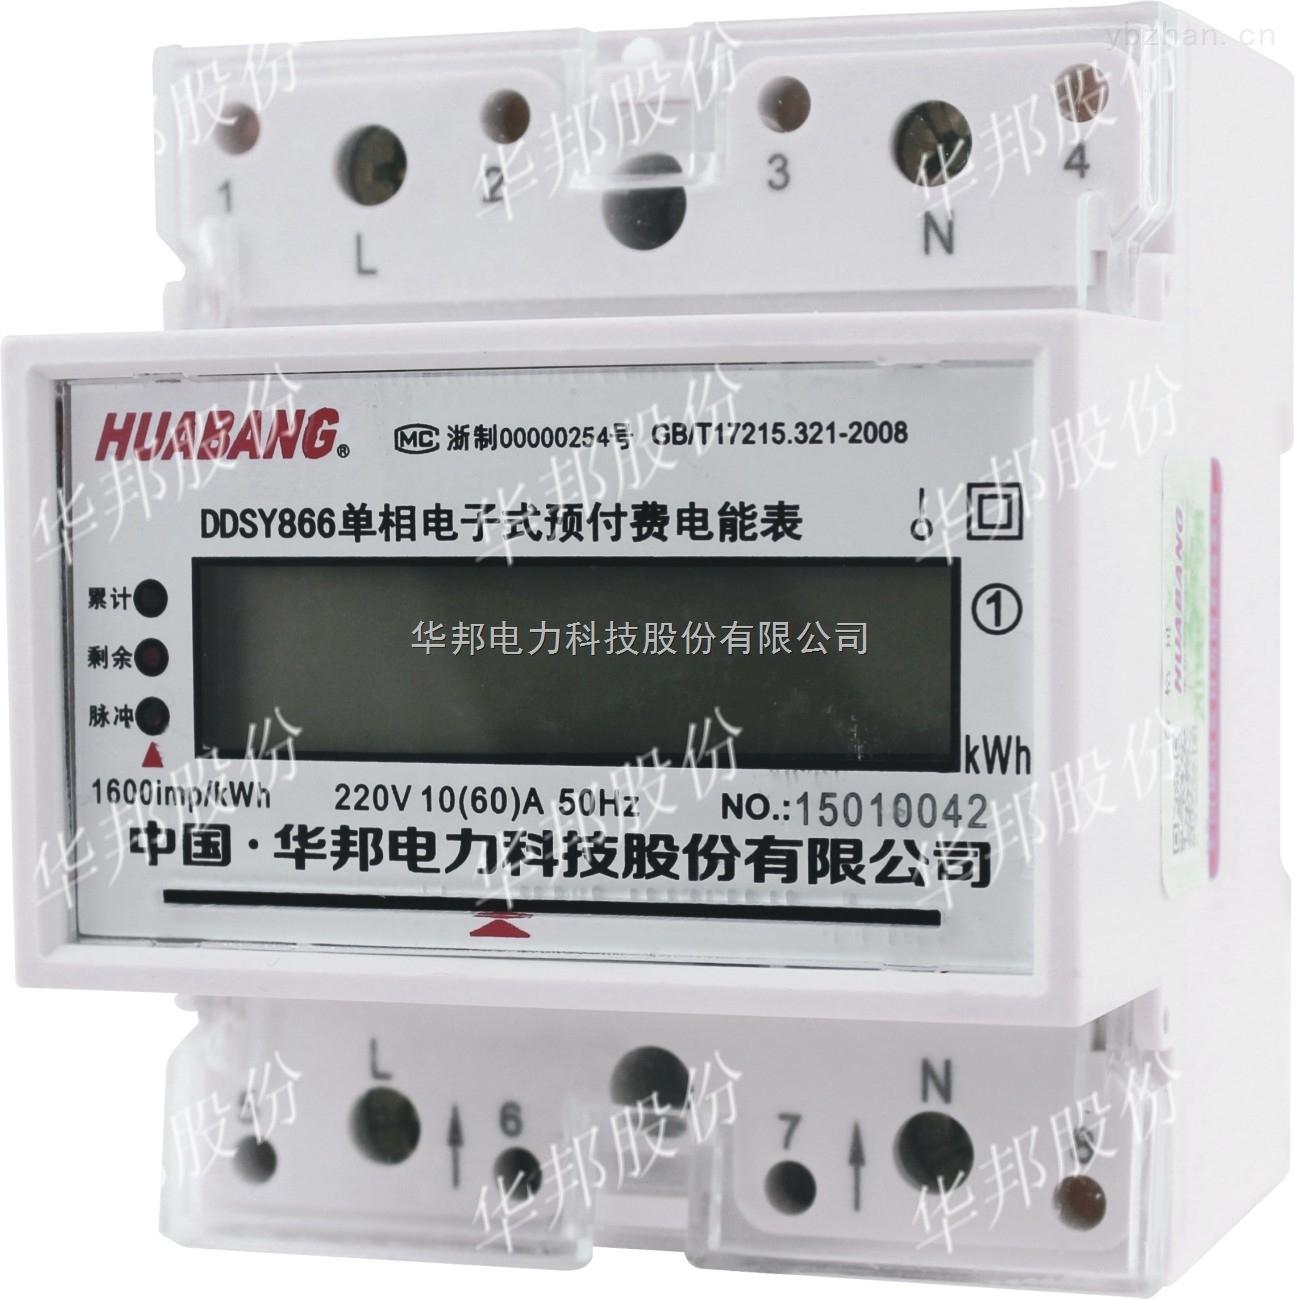 DDSY866-單相插卡預付費導軌式智能電表(插卡售電)